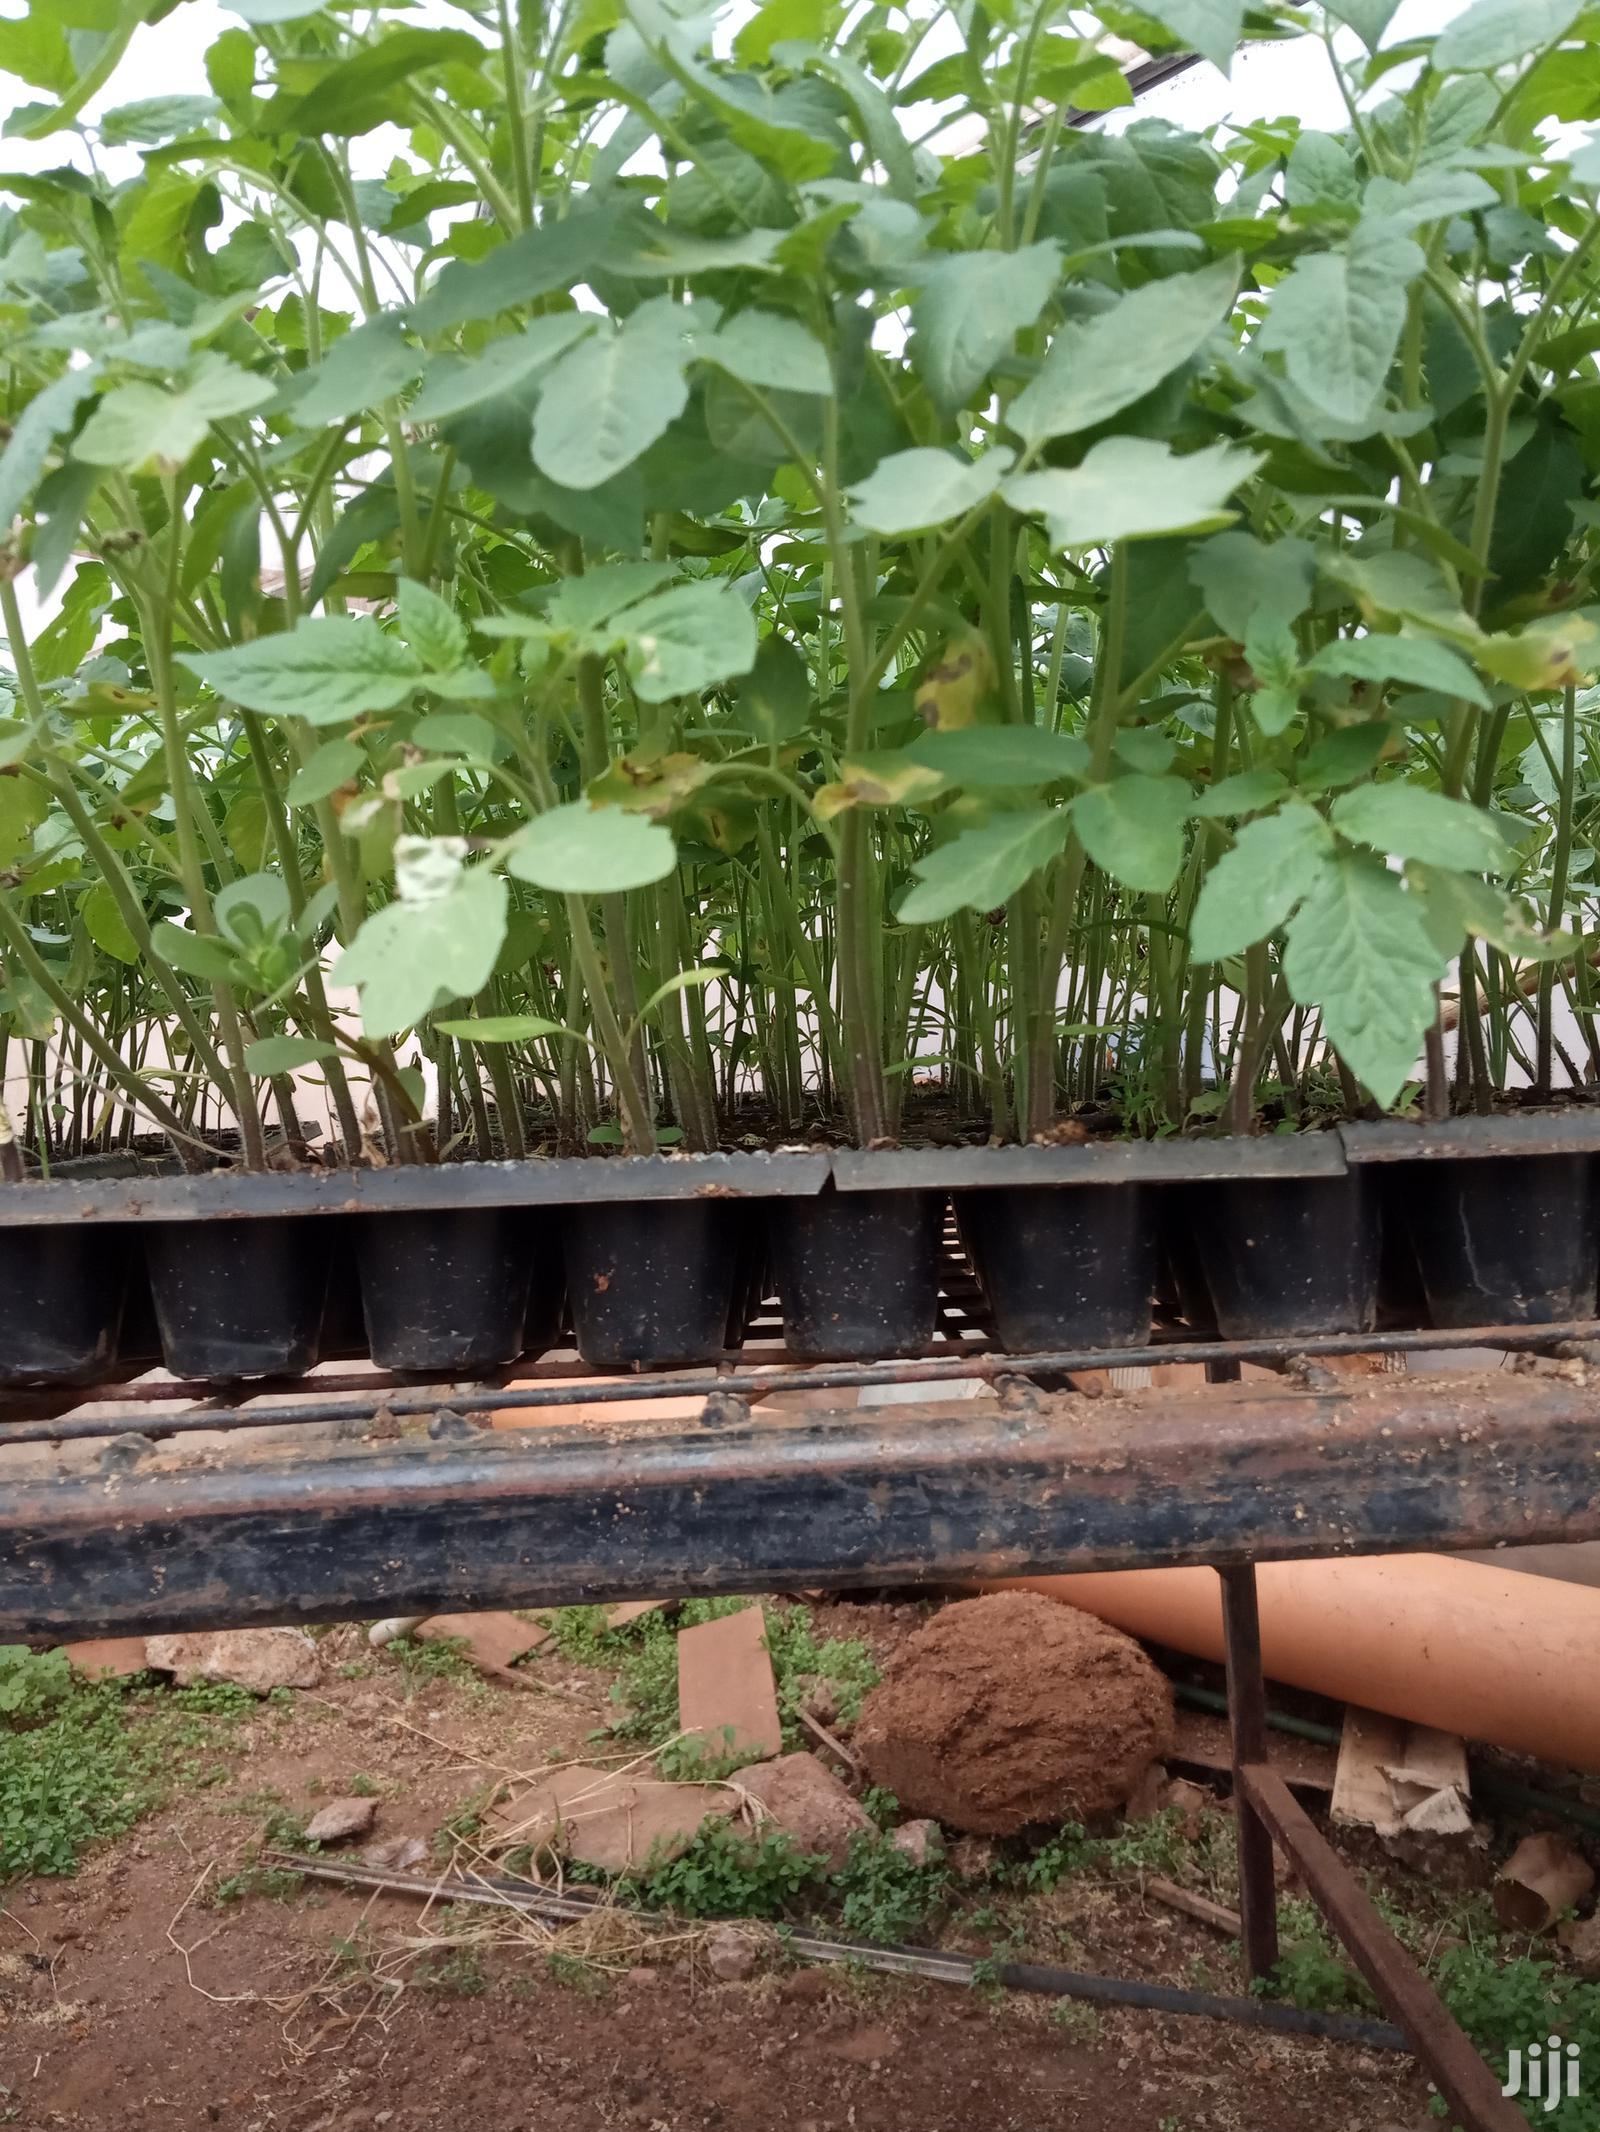 Zara F1 Tomato Seedlings